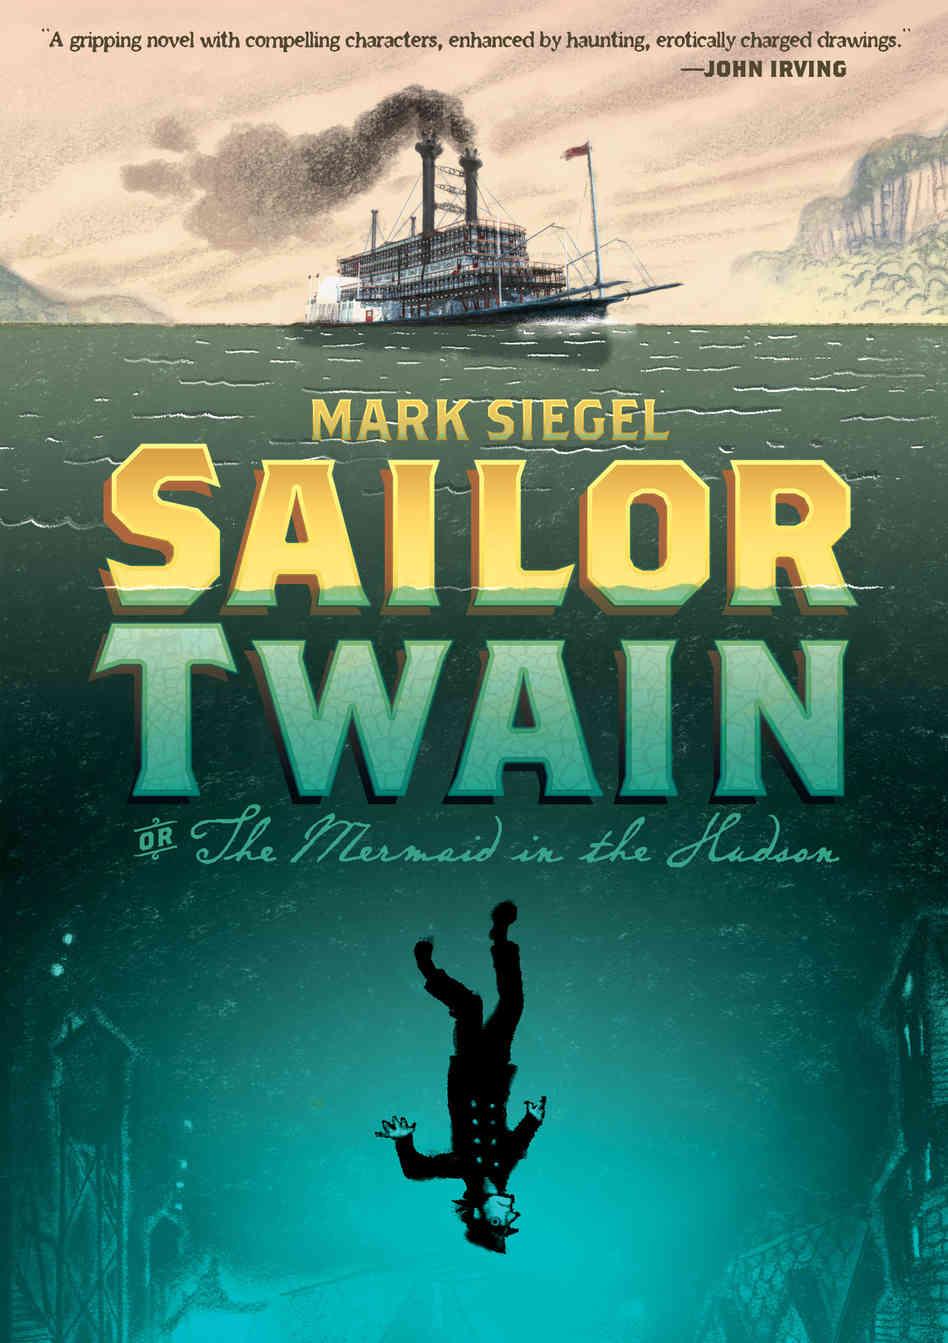 sailor twain.jpg